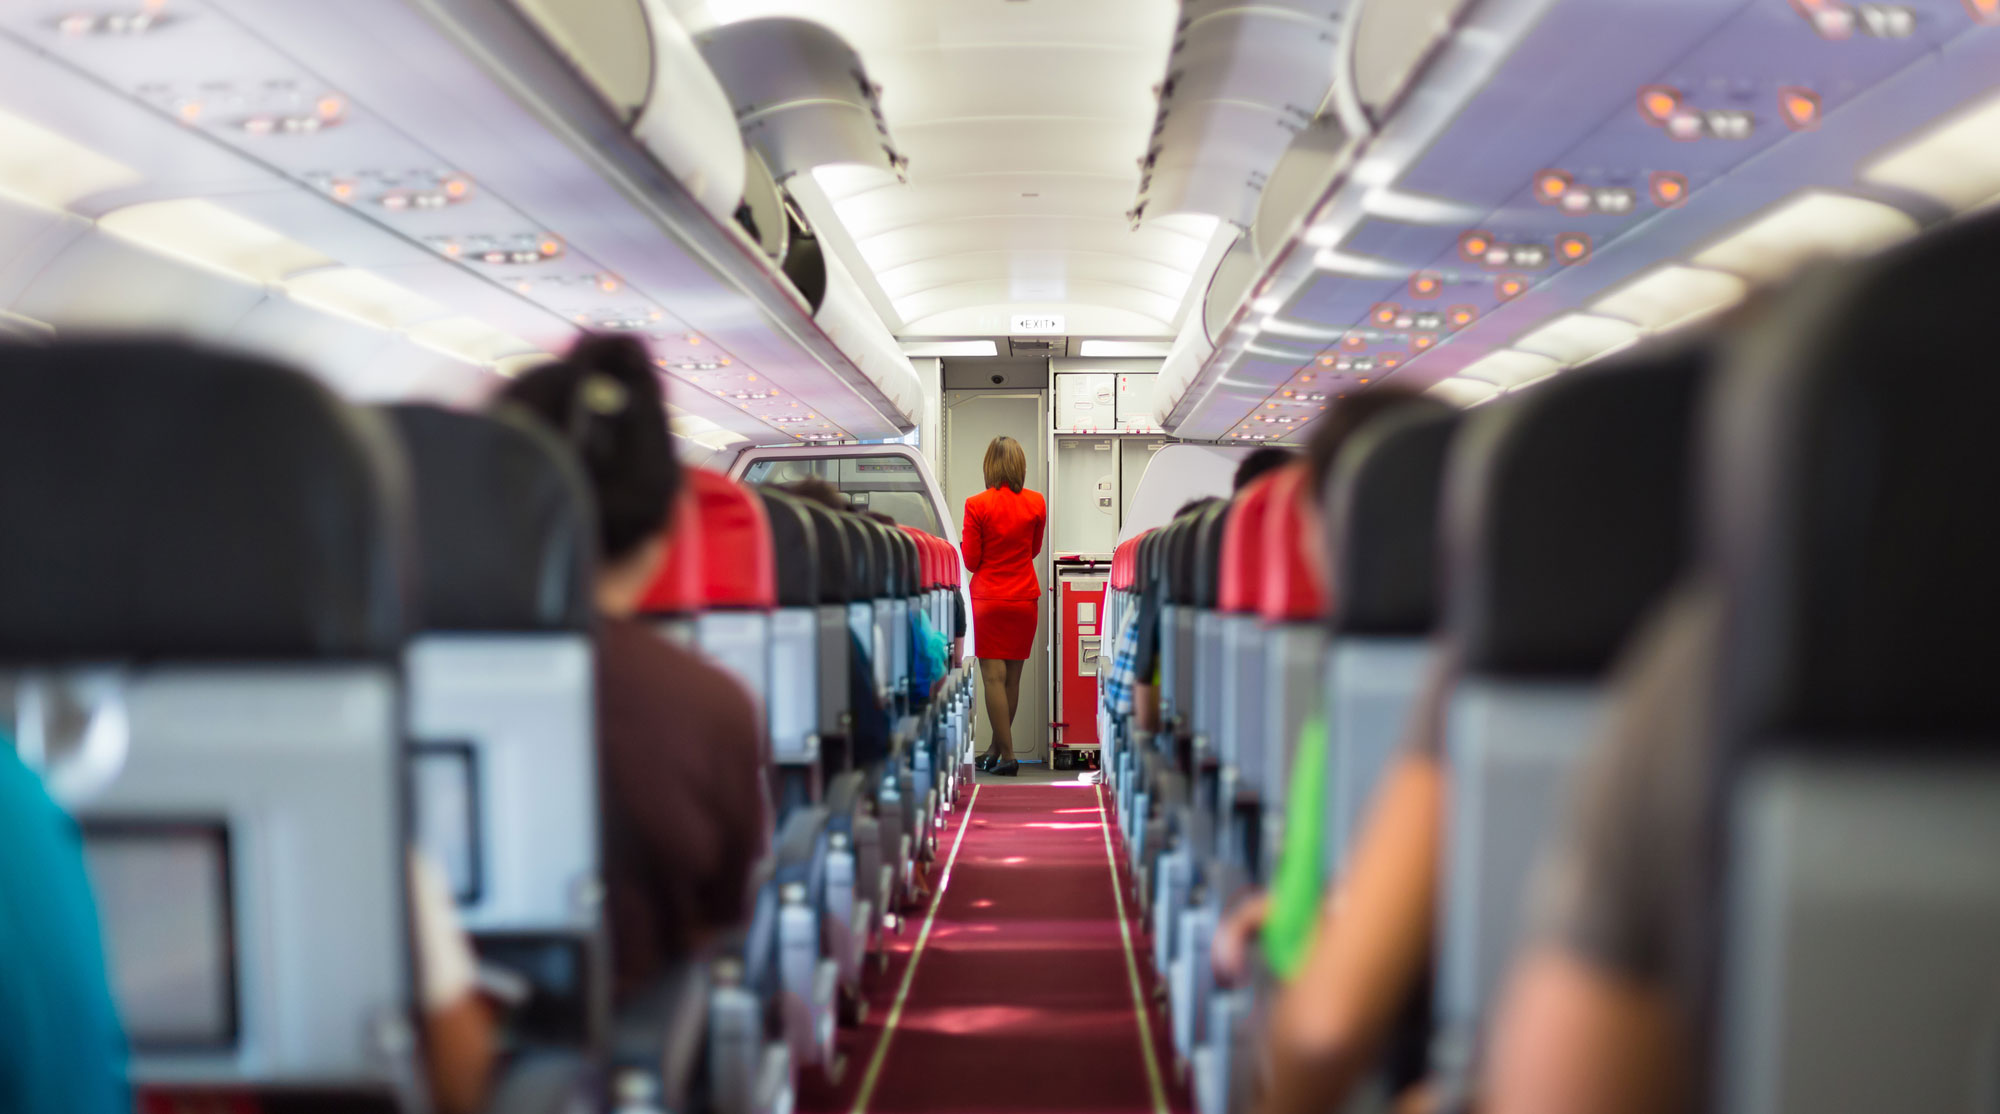 Многие проблемы на борту самолета решаются с помощью скотча